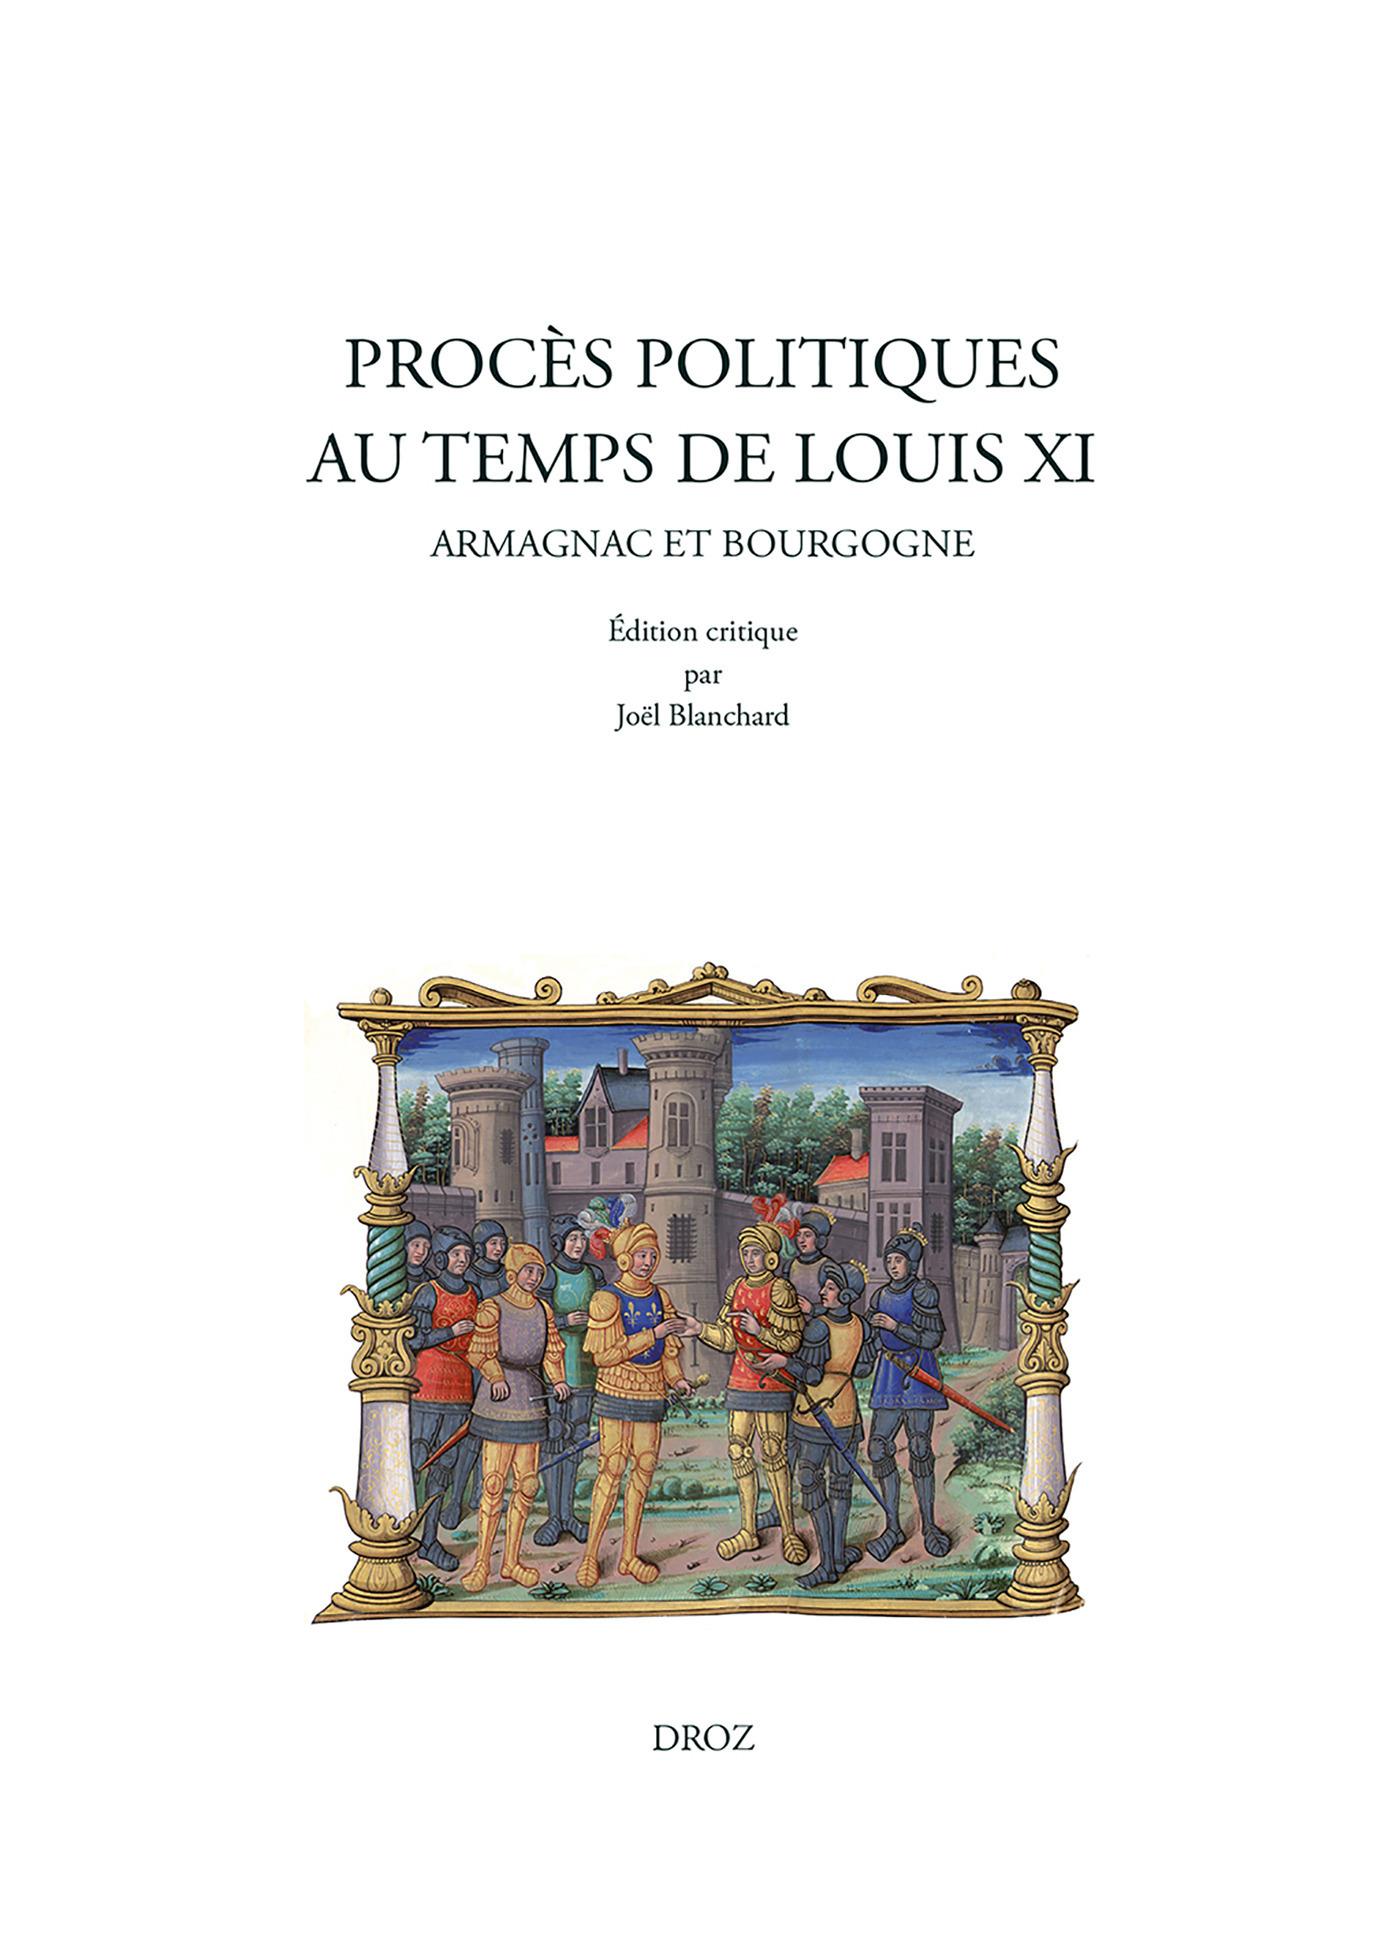 proces politiques au temps de louis xi. armagnac et bourgogne